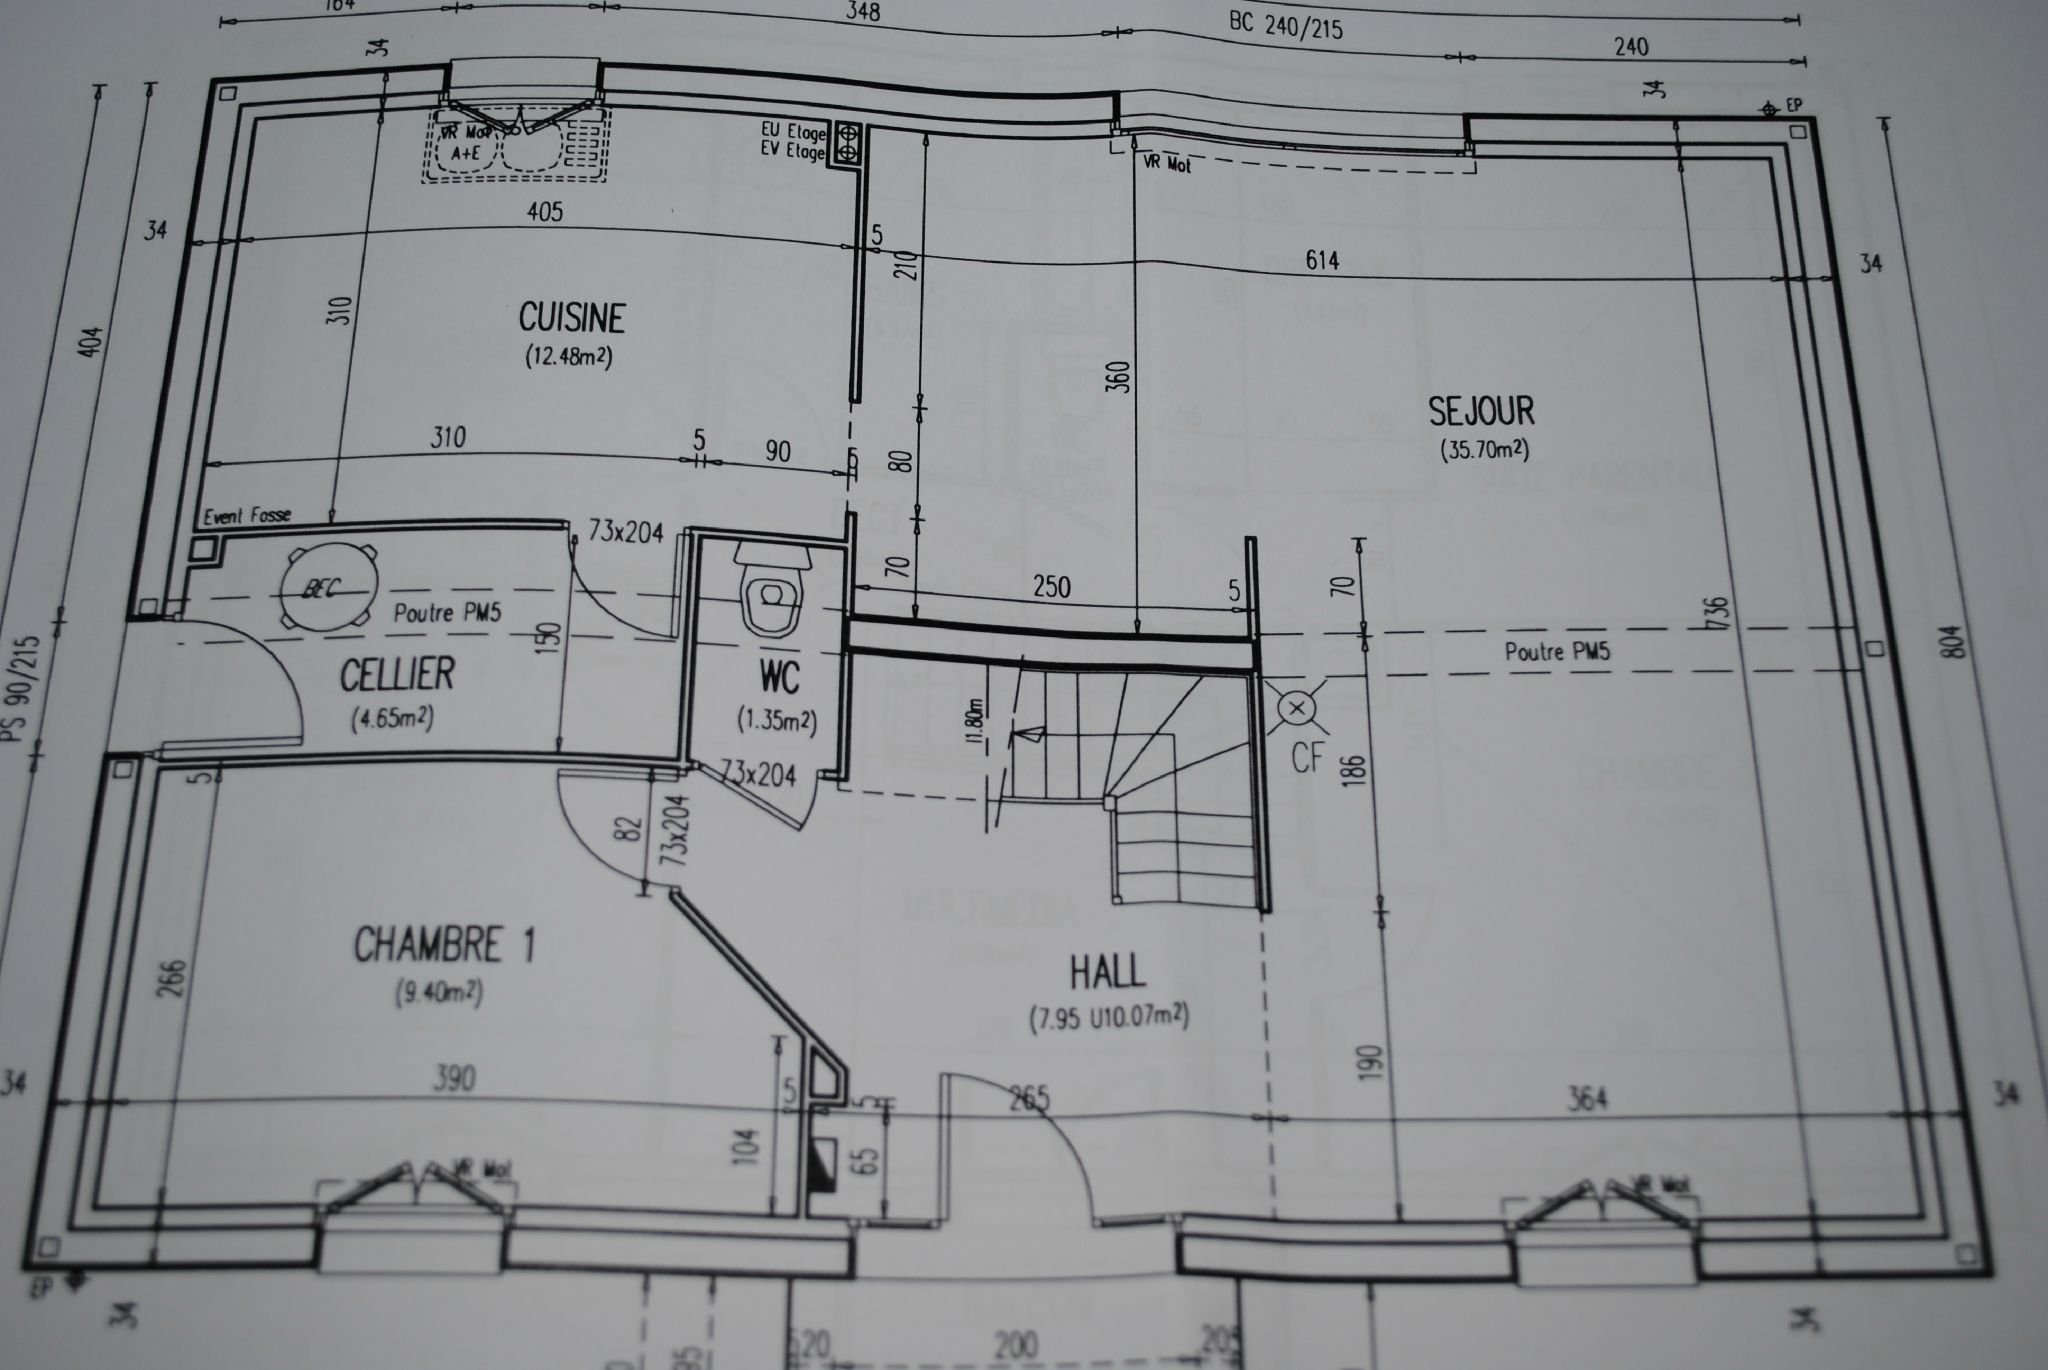 Les plans retravaill s par mon homme r cit de la for Mon plan de maison parfait